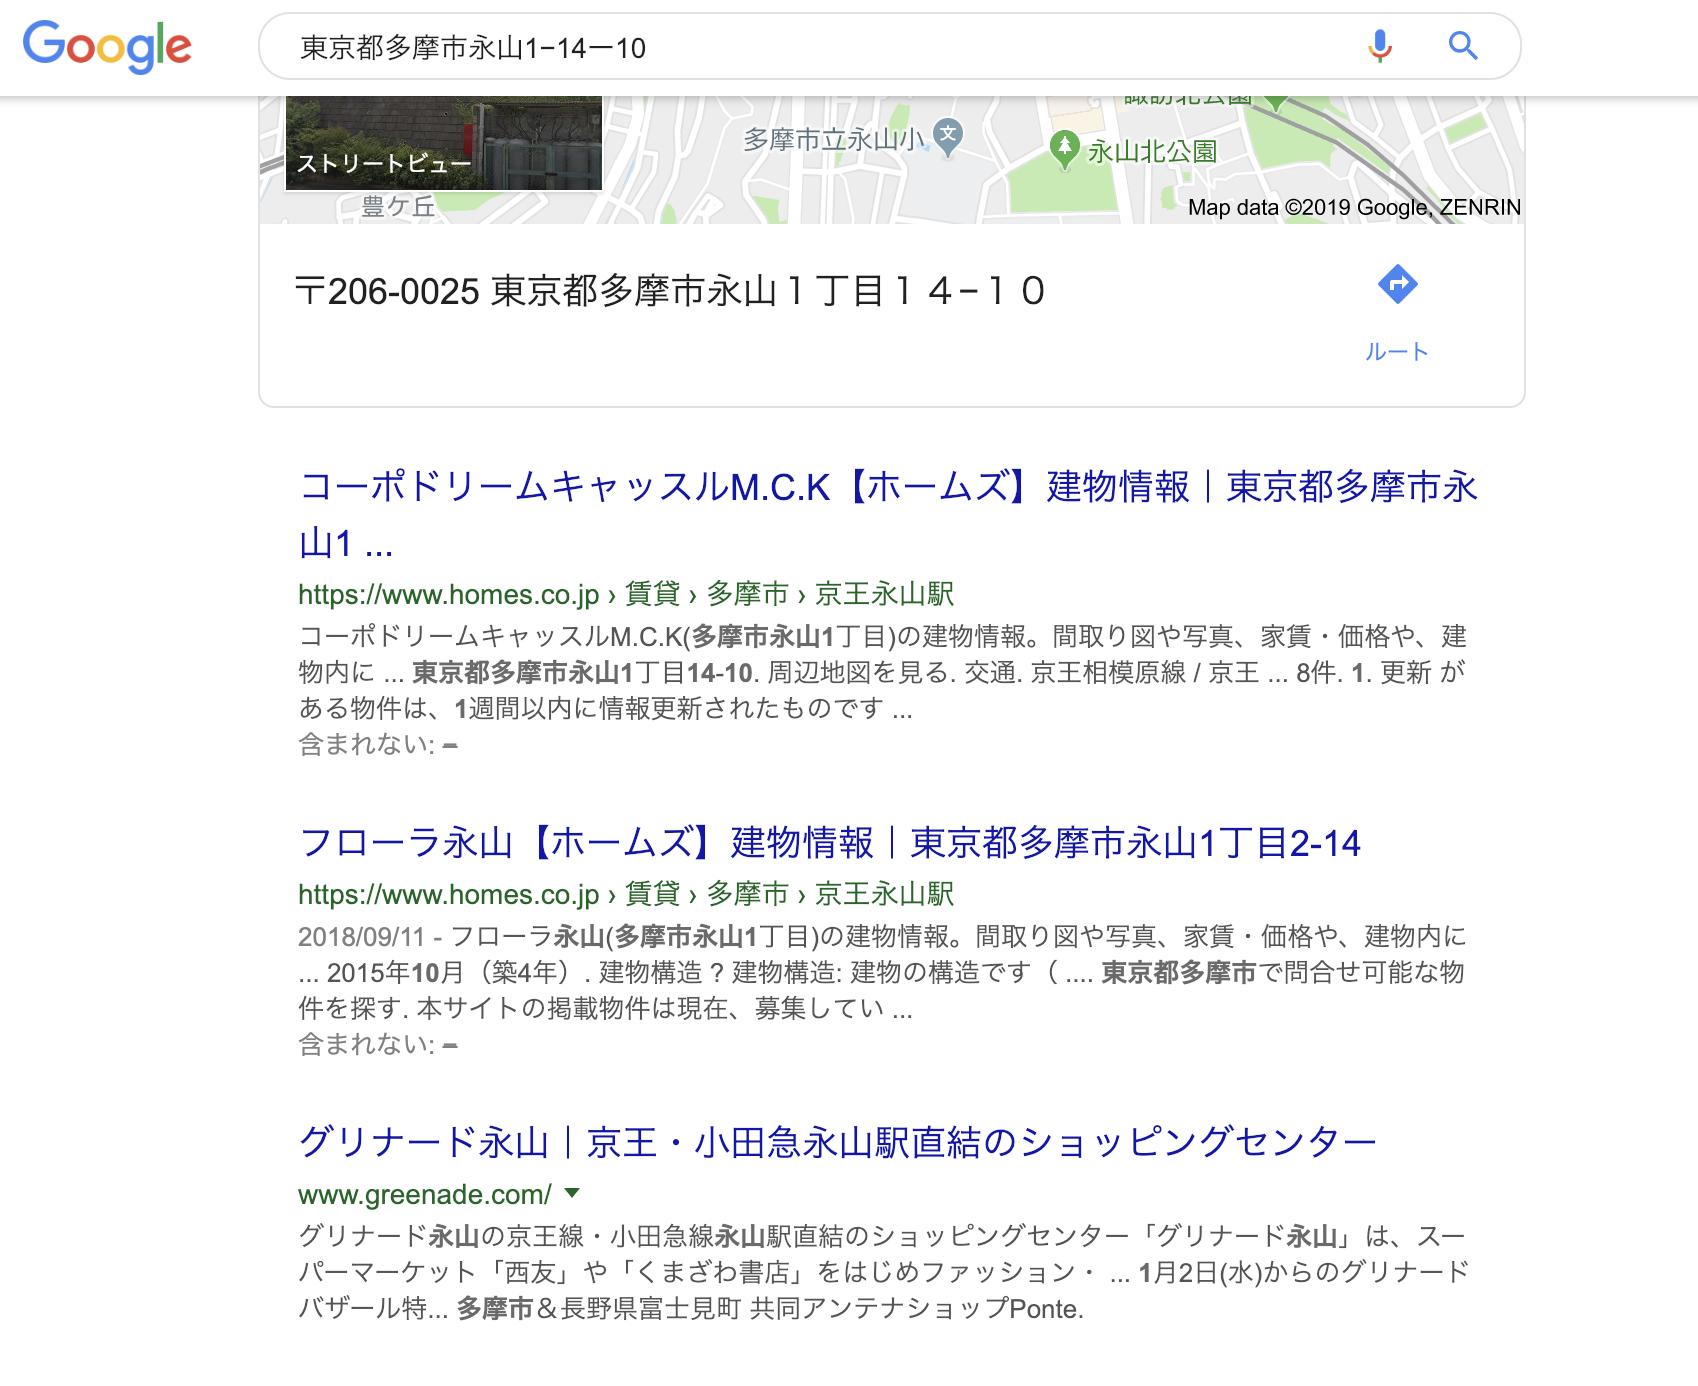 東京都多摩市永山1−14ー10